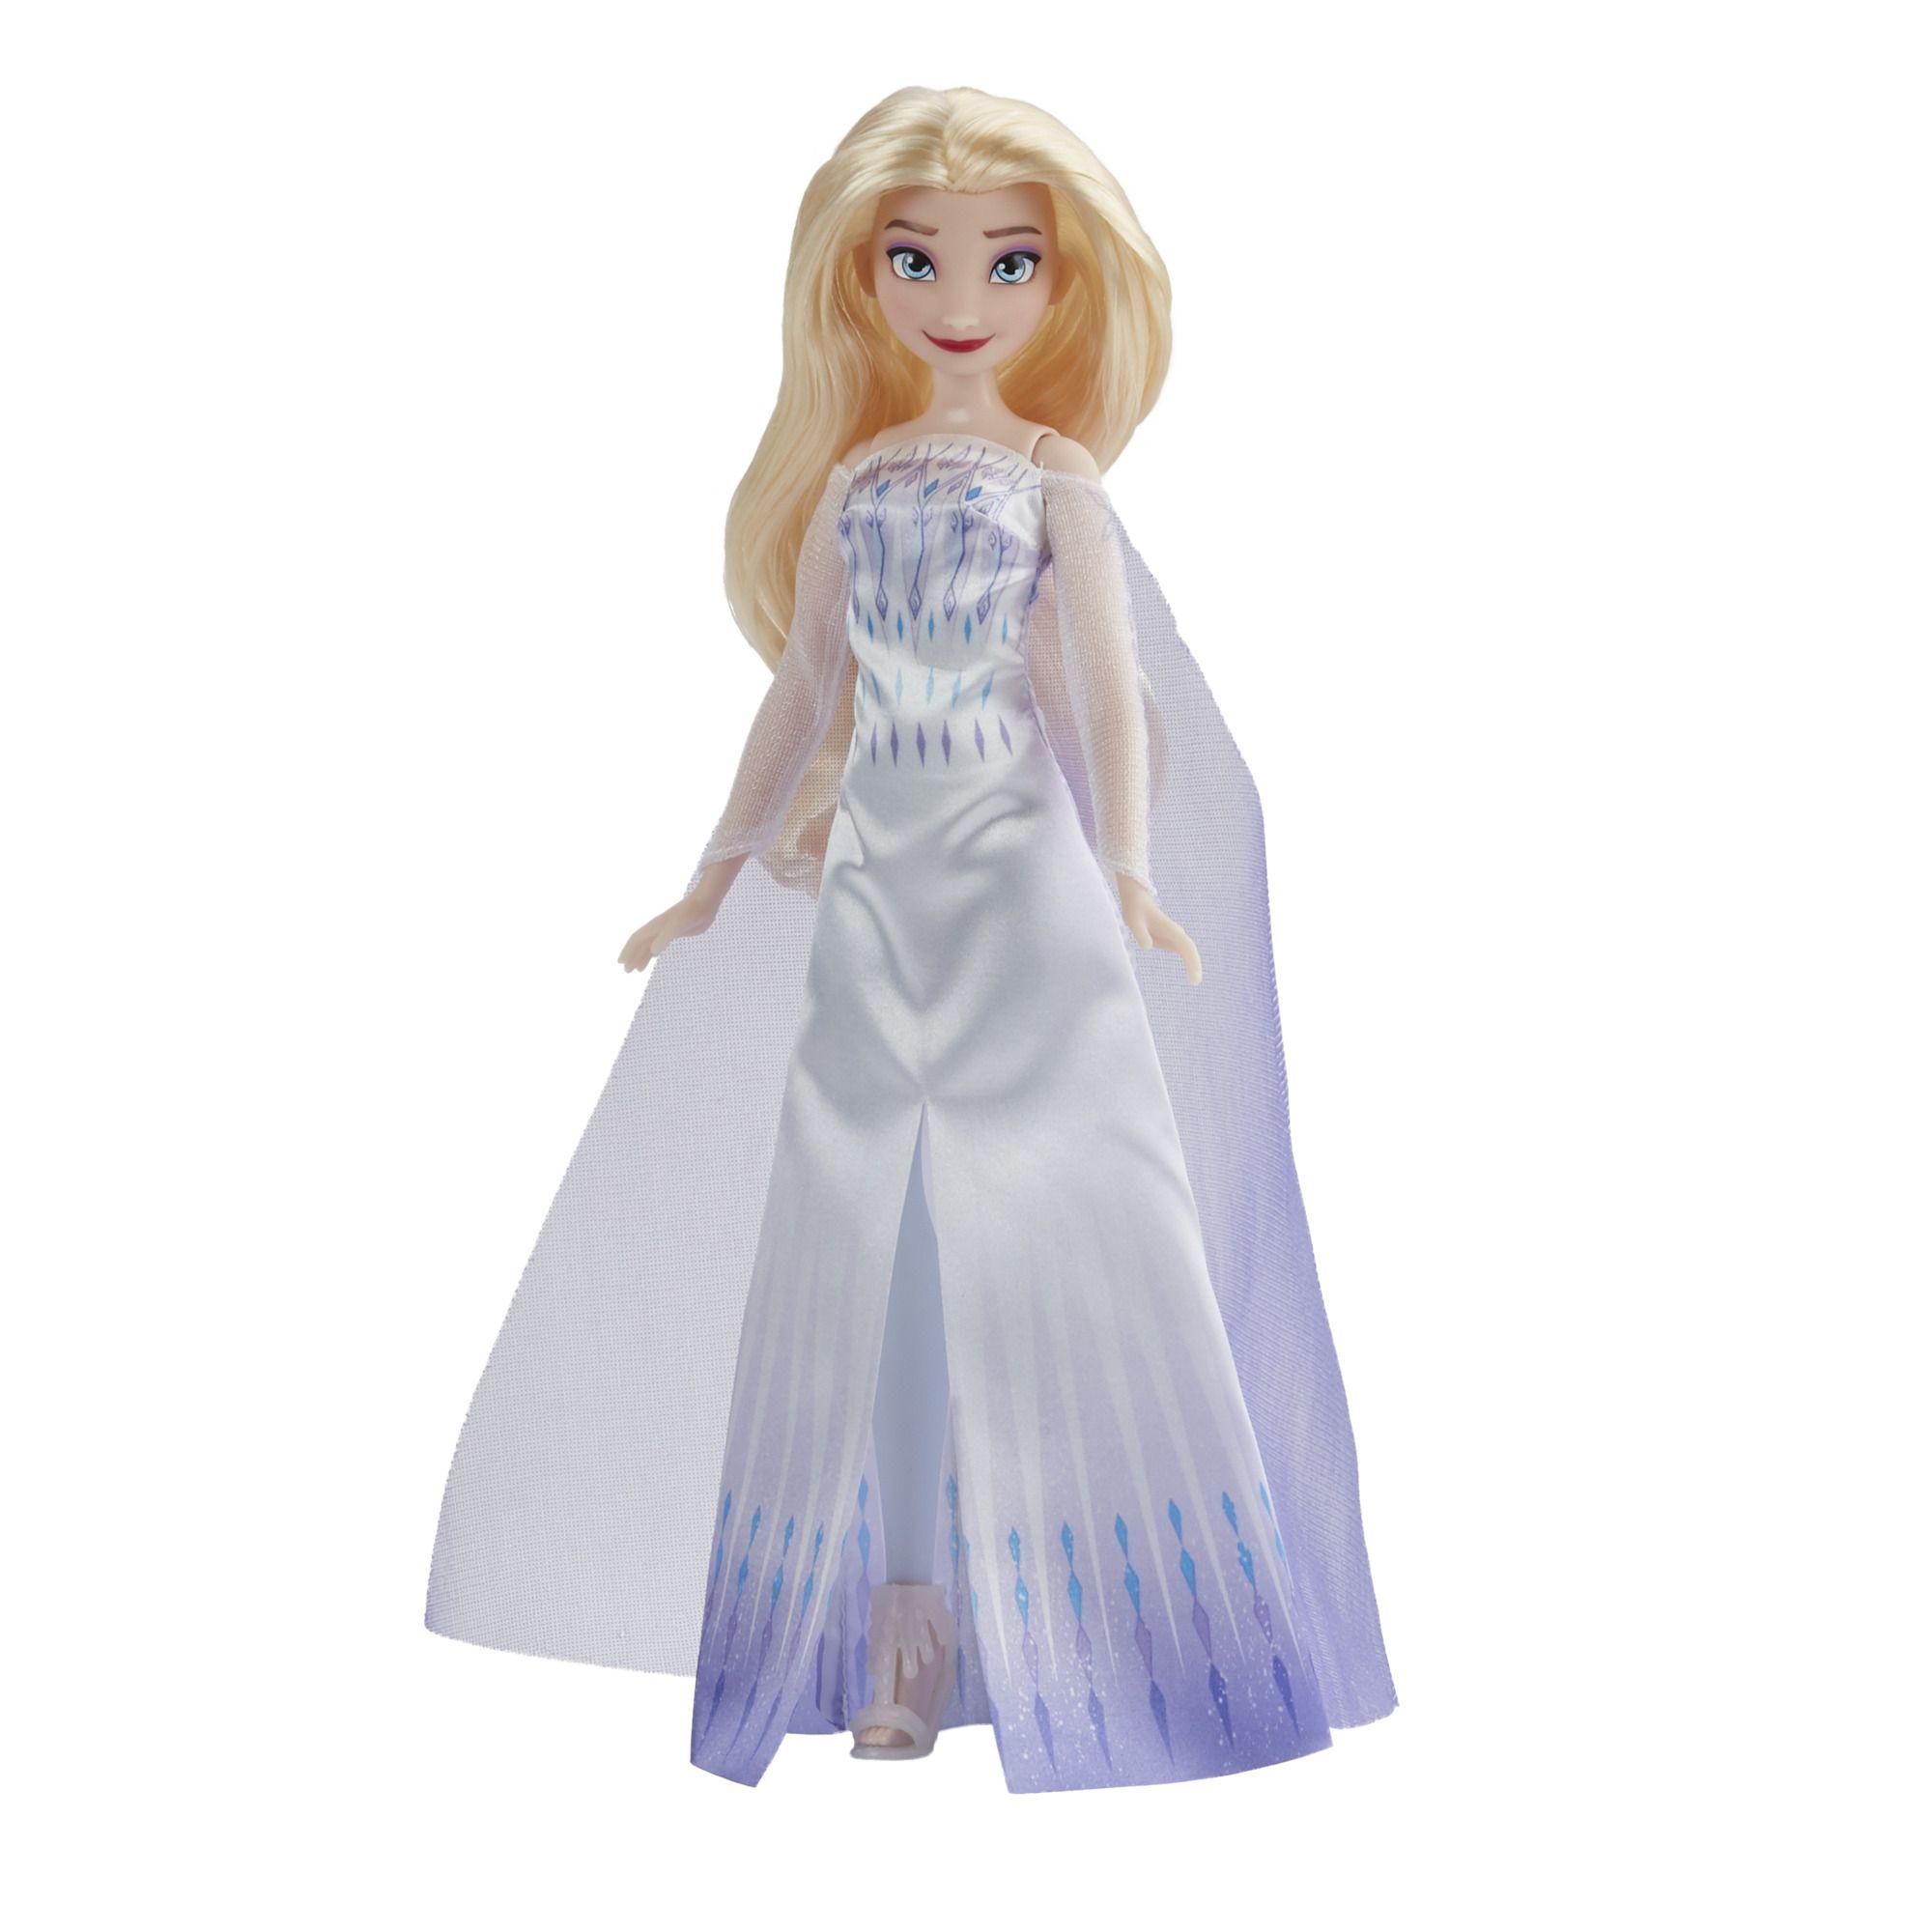 Disney Frozen 2 - Feature Doll Opp - Snow Queen Elsa (F1411)